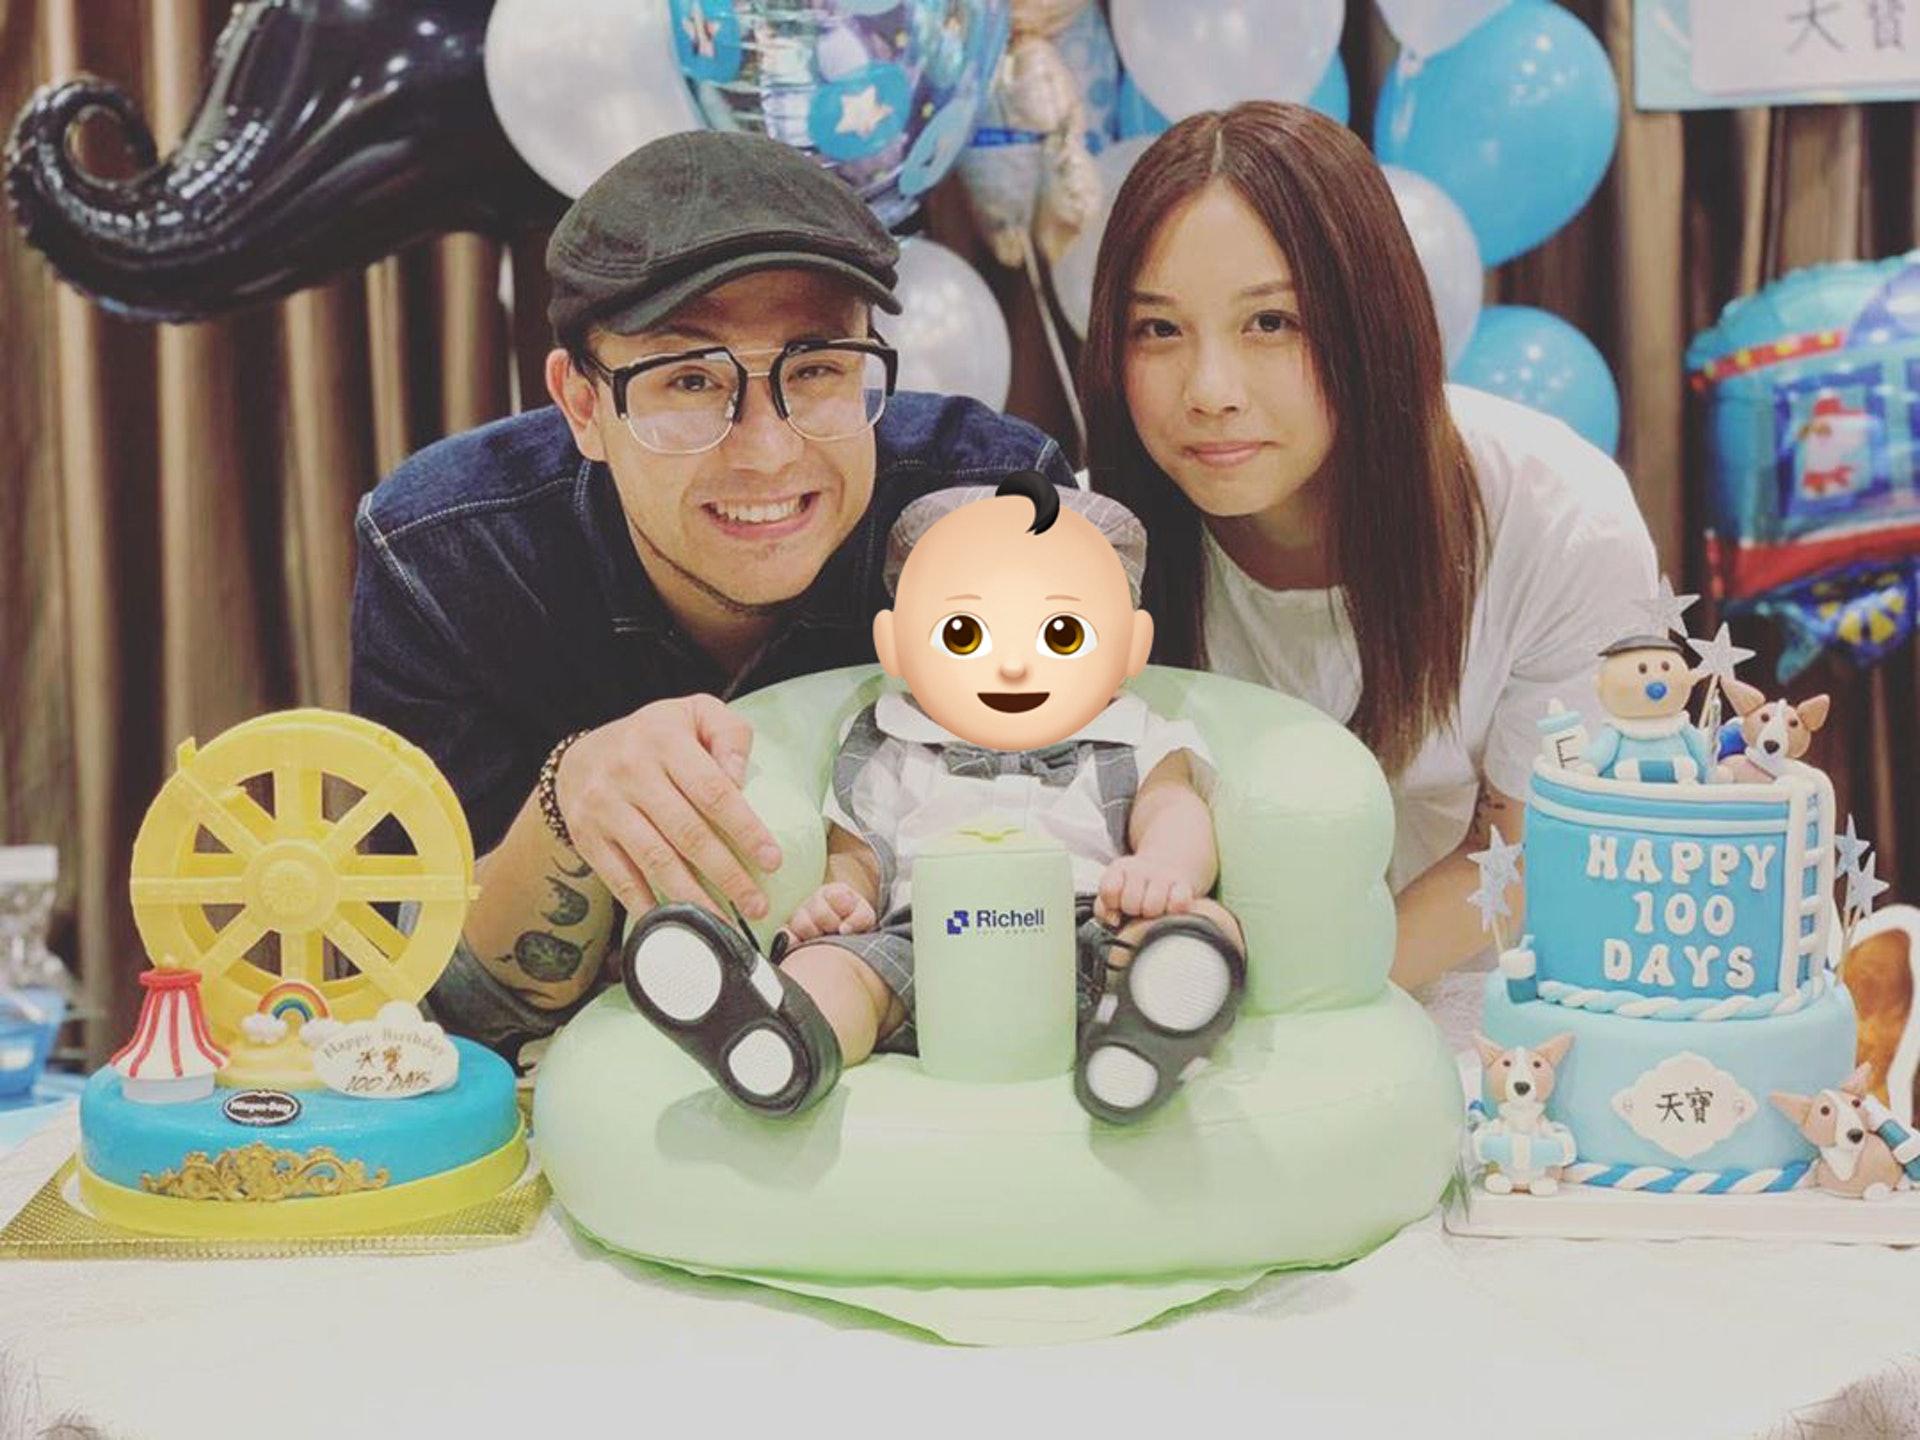 張致恆的未婚妻是一名名叫雯雯的女生,更為兒子舉行百日宴。(stevencheung@Instagram)